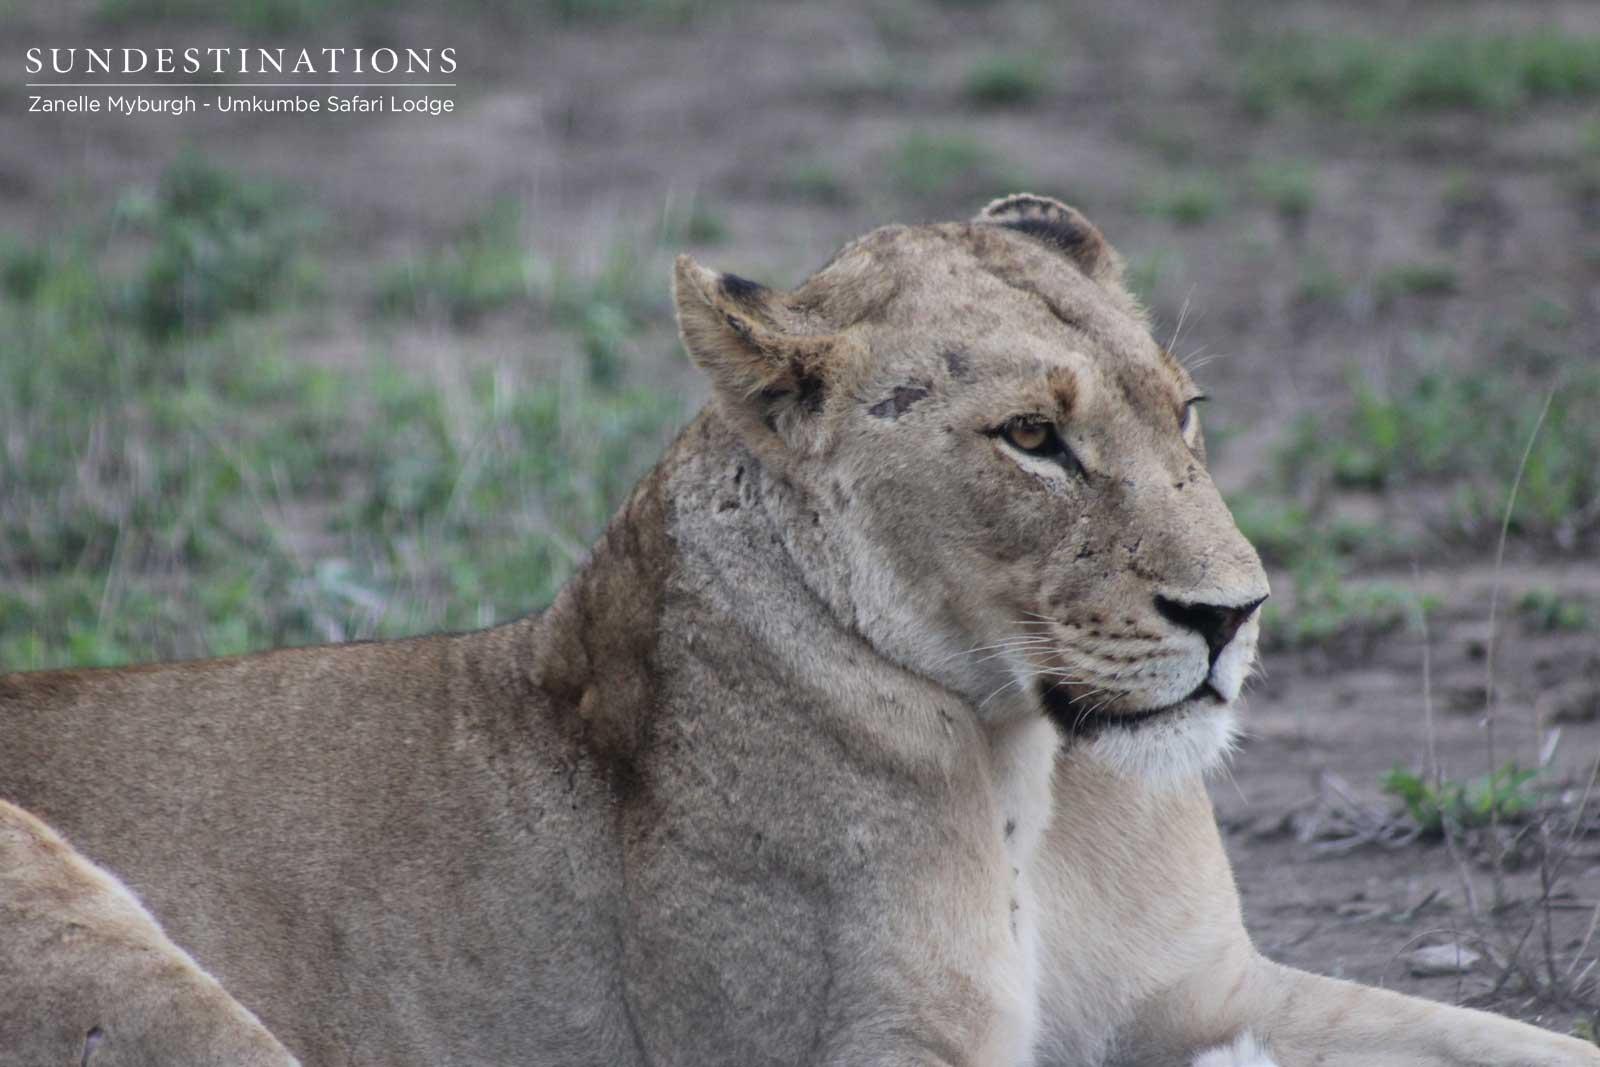 Kambula Lioness